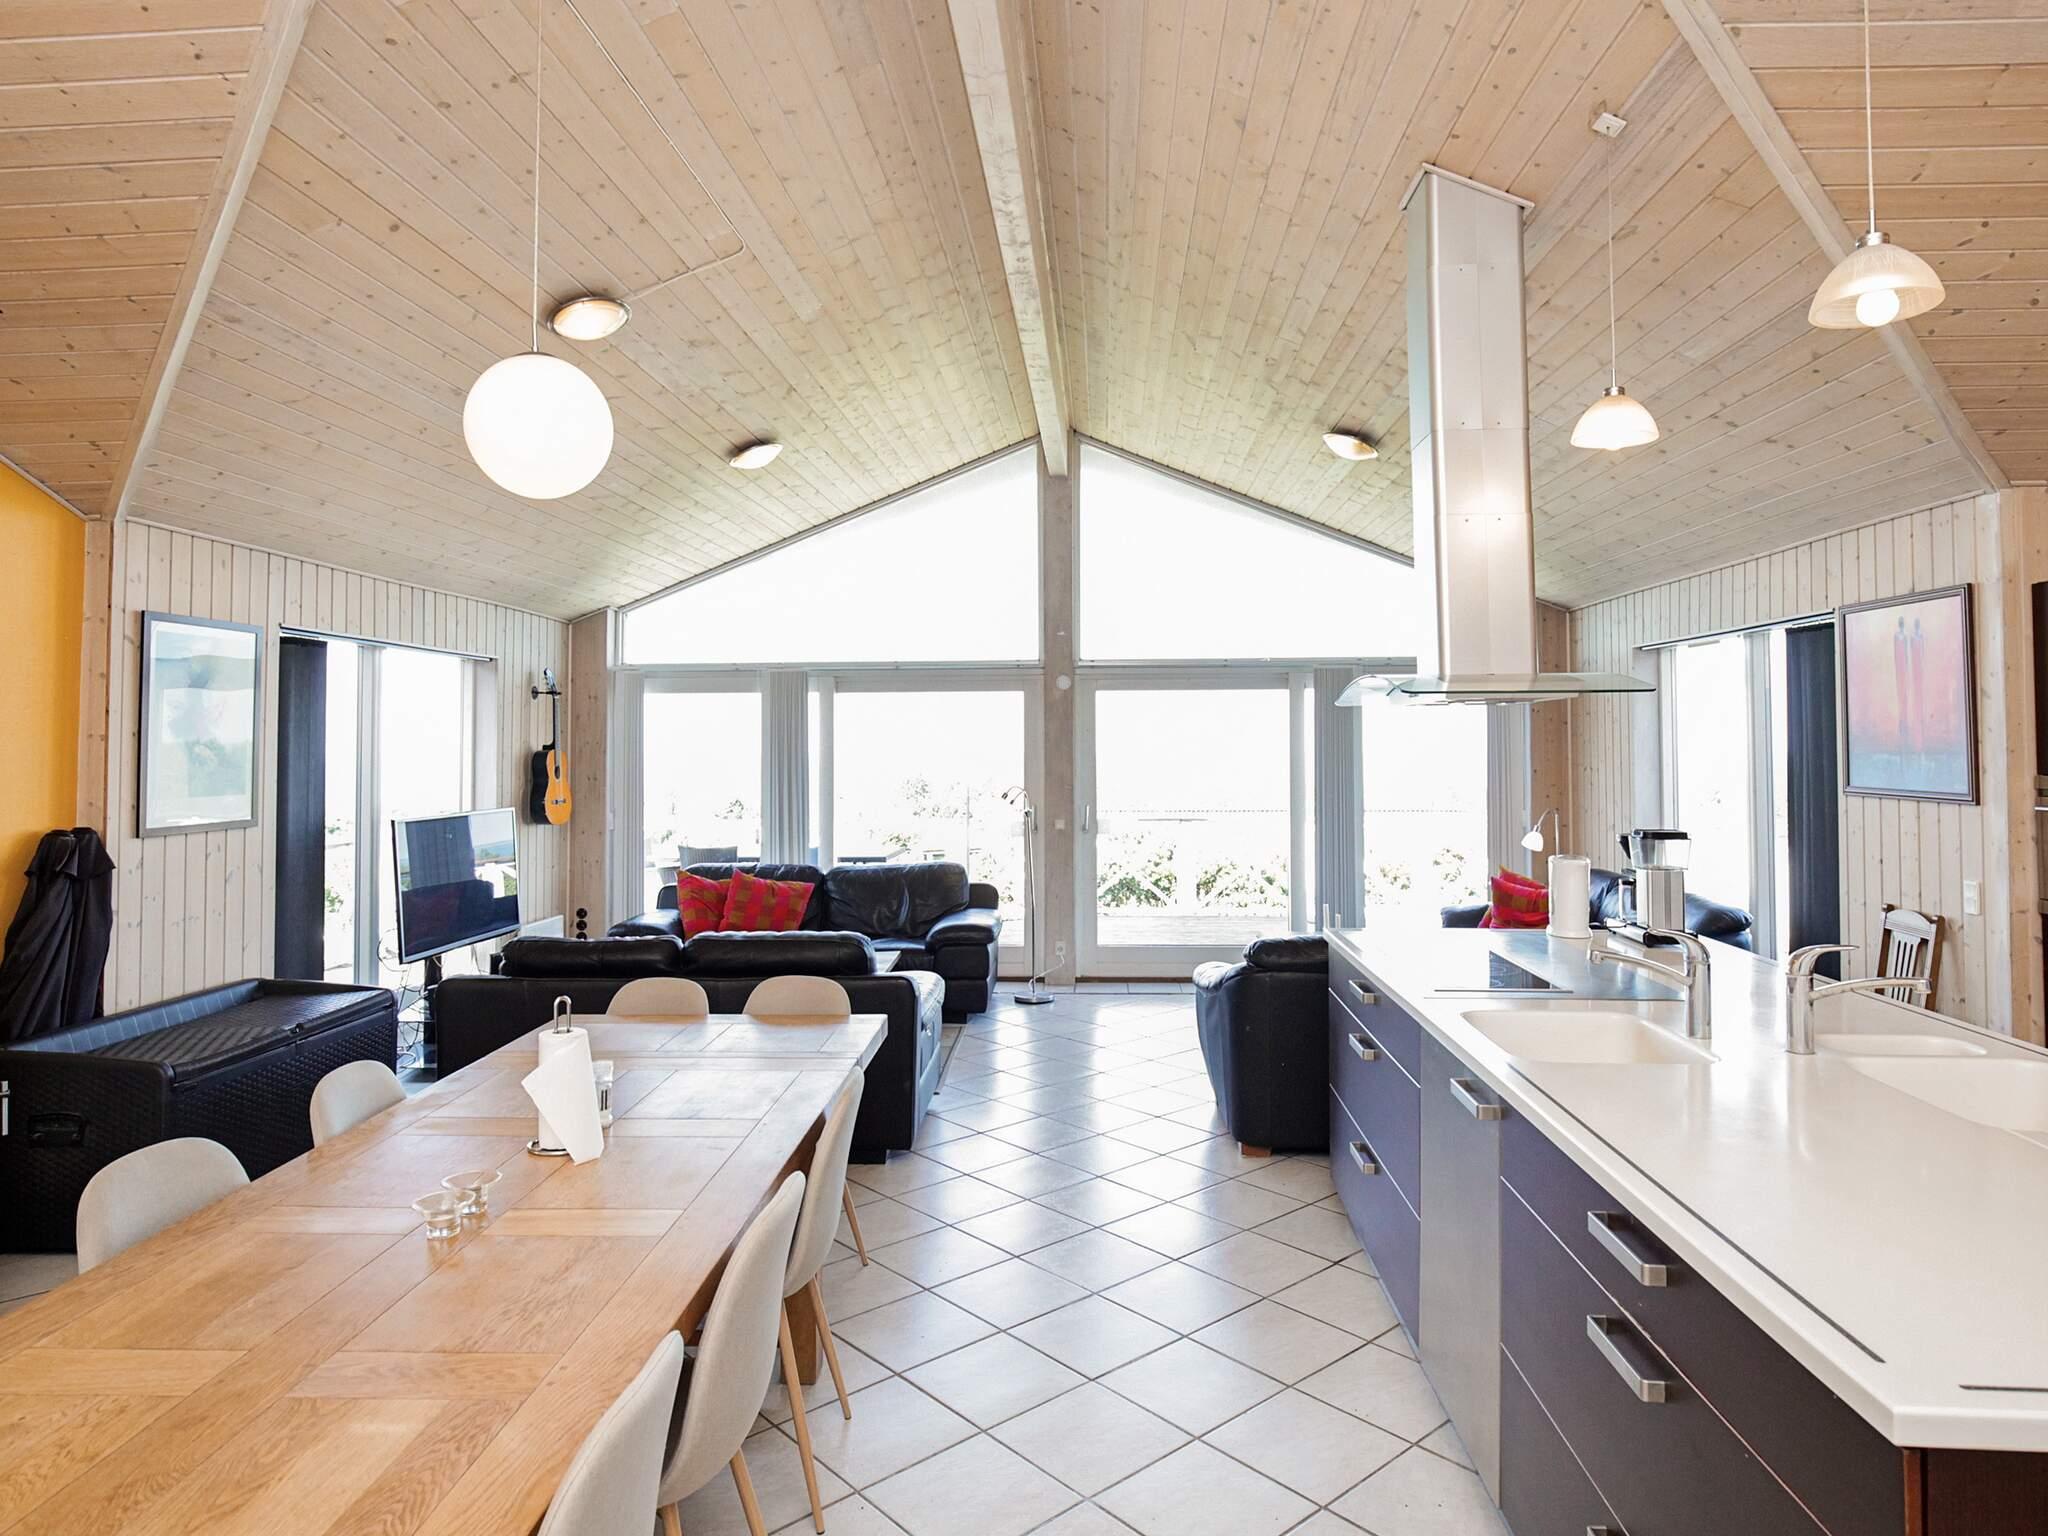 Ferienhaus Veddinge Bakker (2355598), Veddinge, , Westseeland, Dänemark, Bild 15